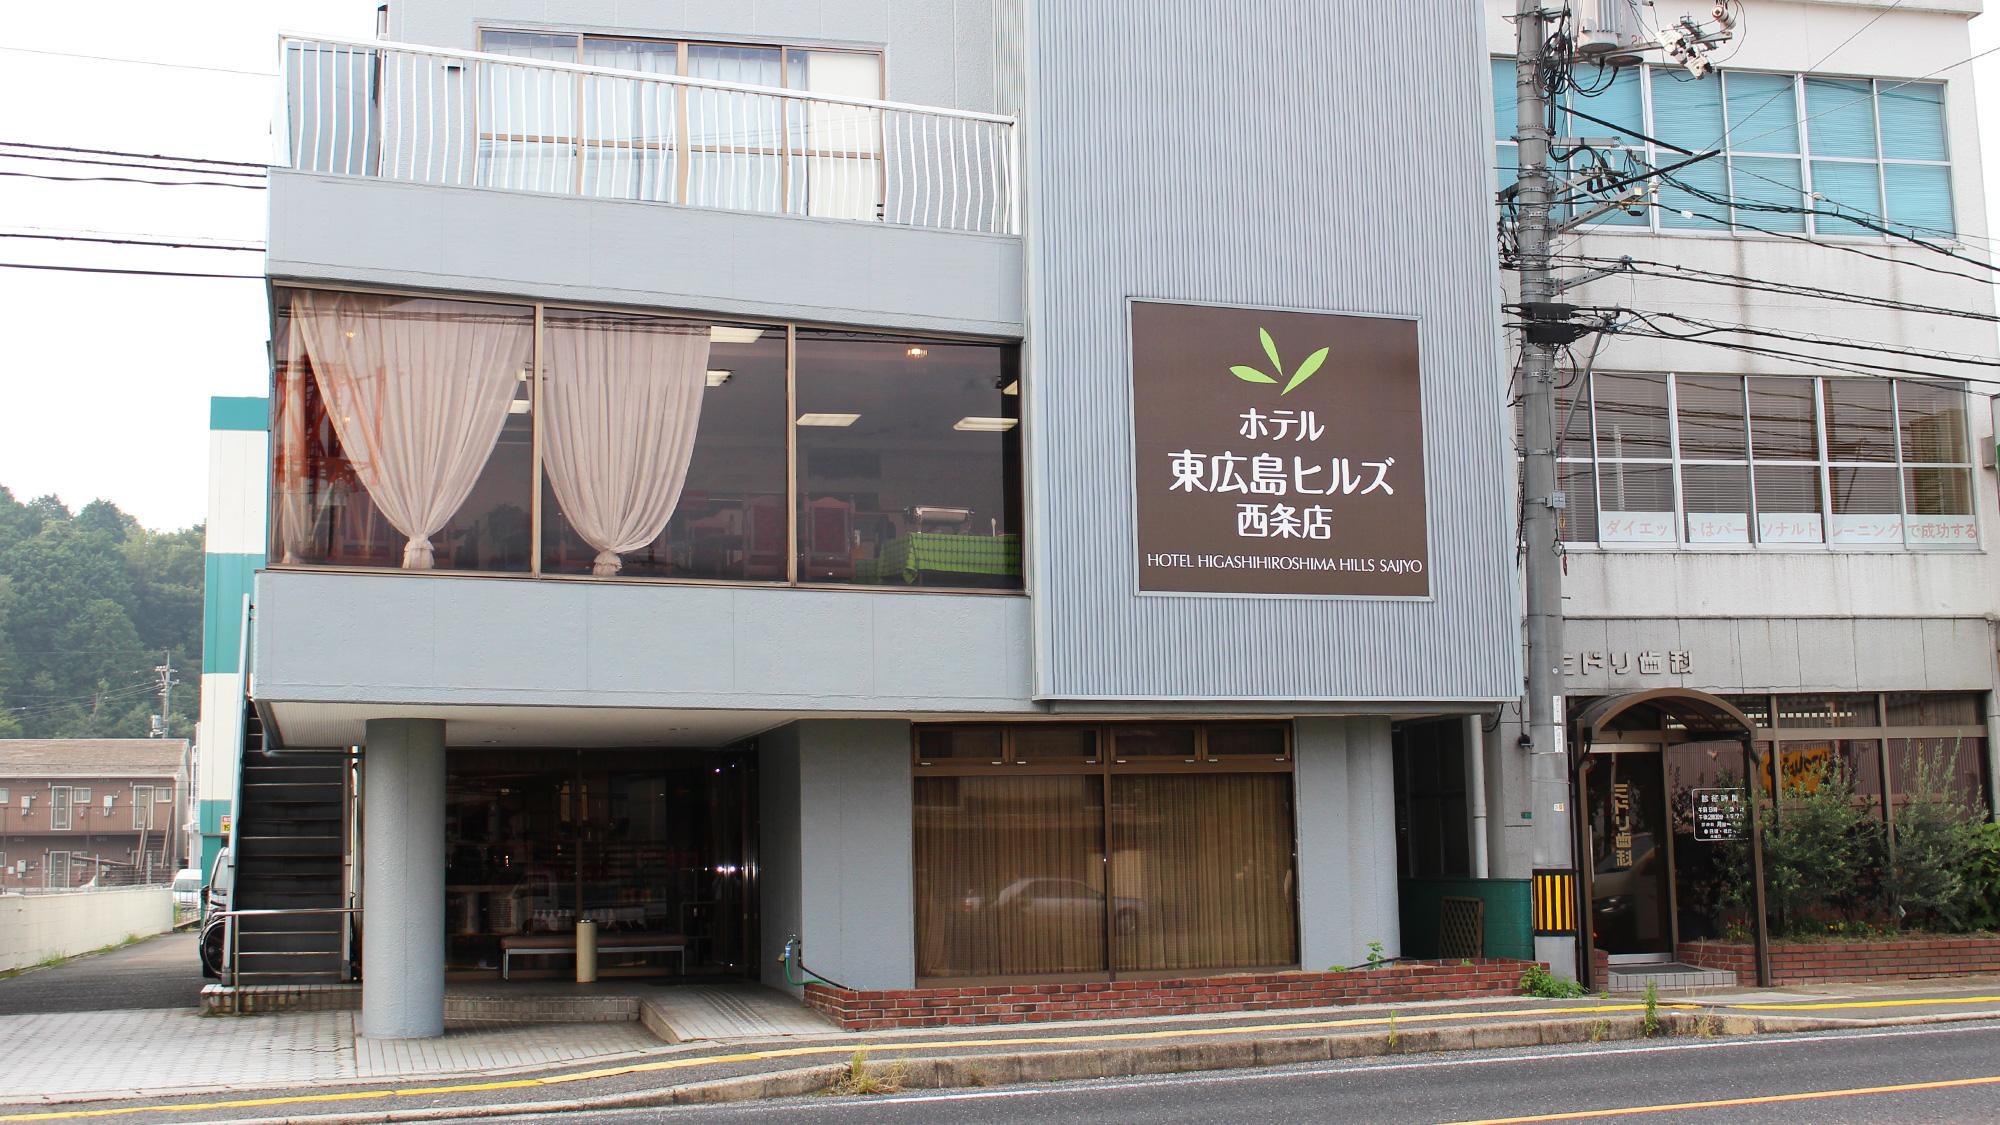 備長炭の湯 ホテル東広島ヒルズ西条インター(BBHホテルグループ) image